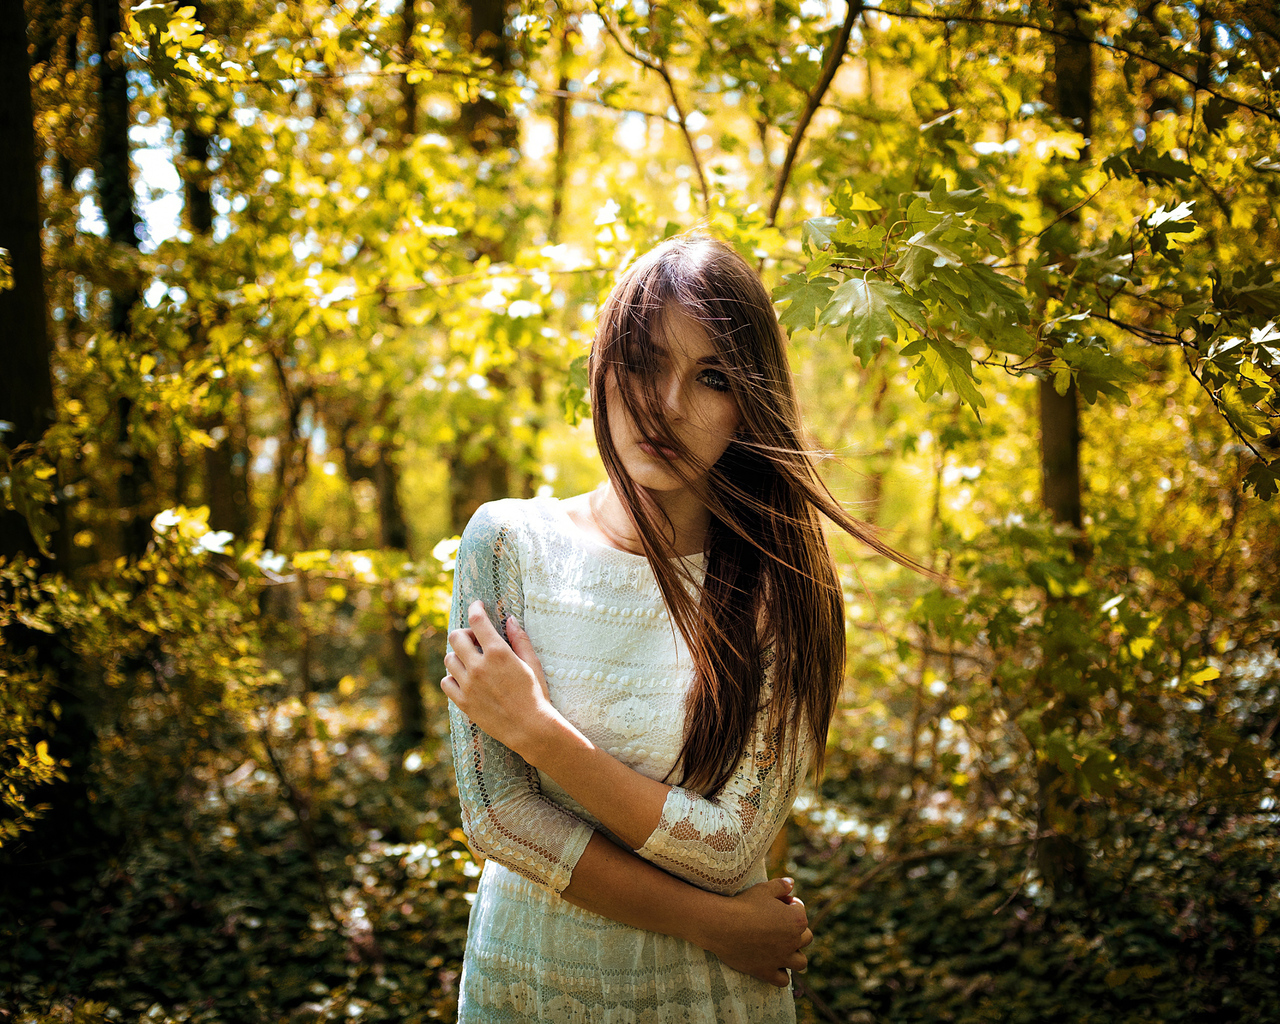 girl-face-in-hair-forest-4k-5l.jpg